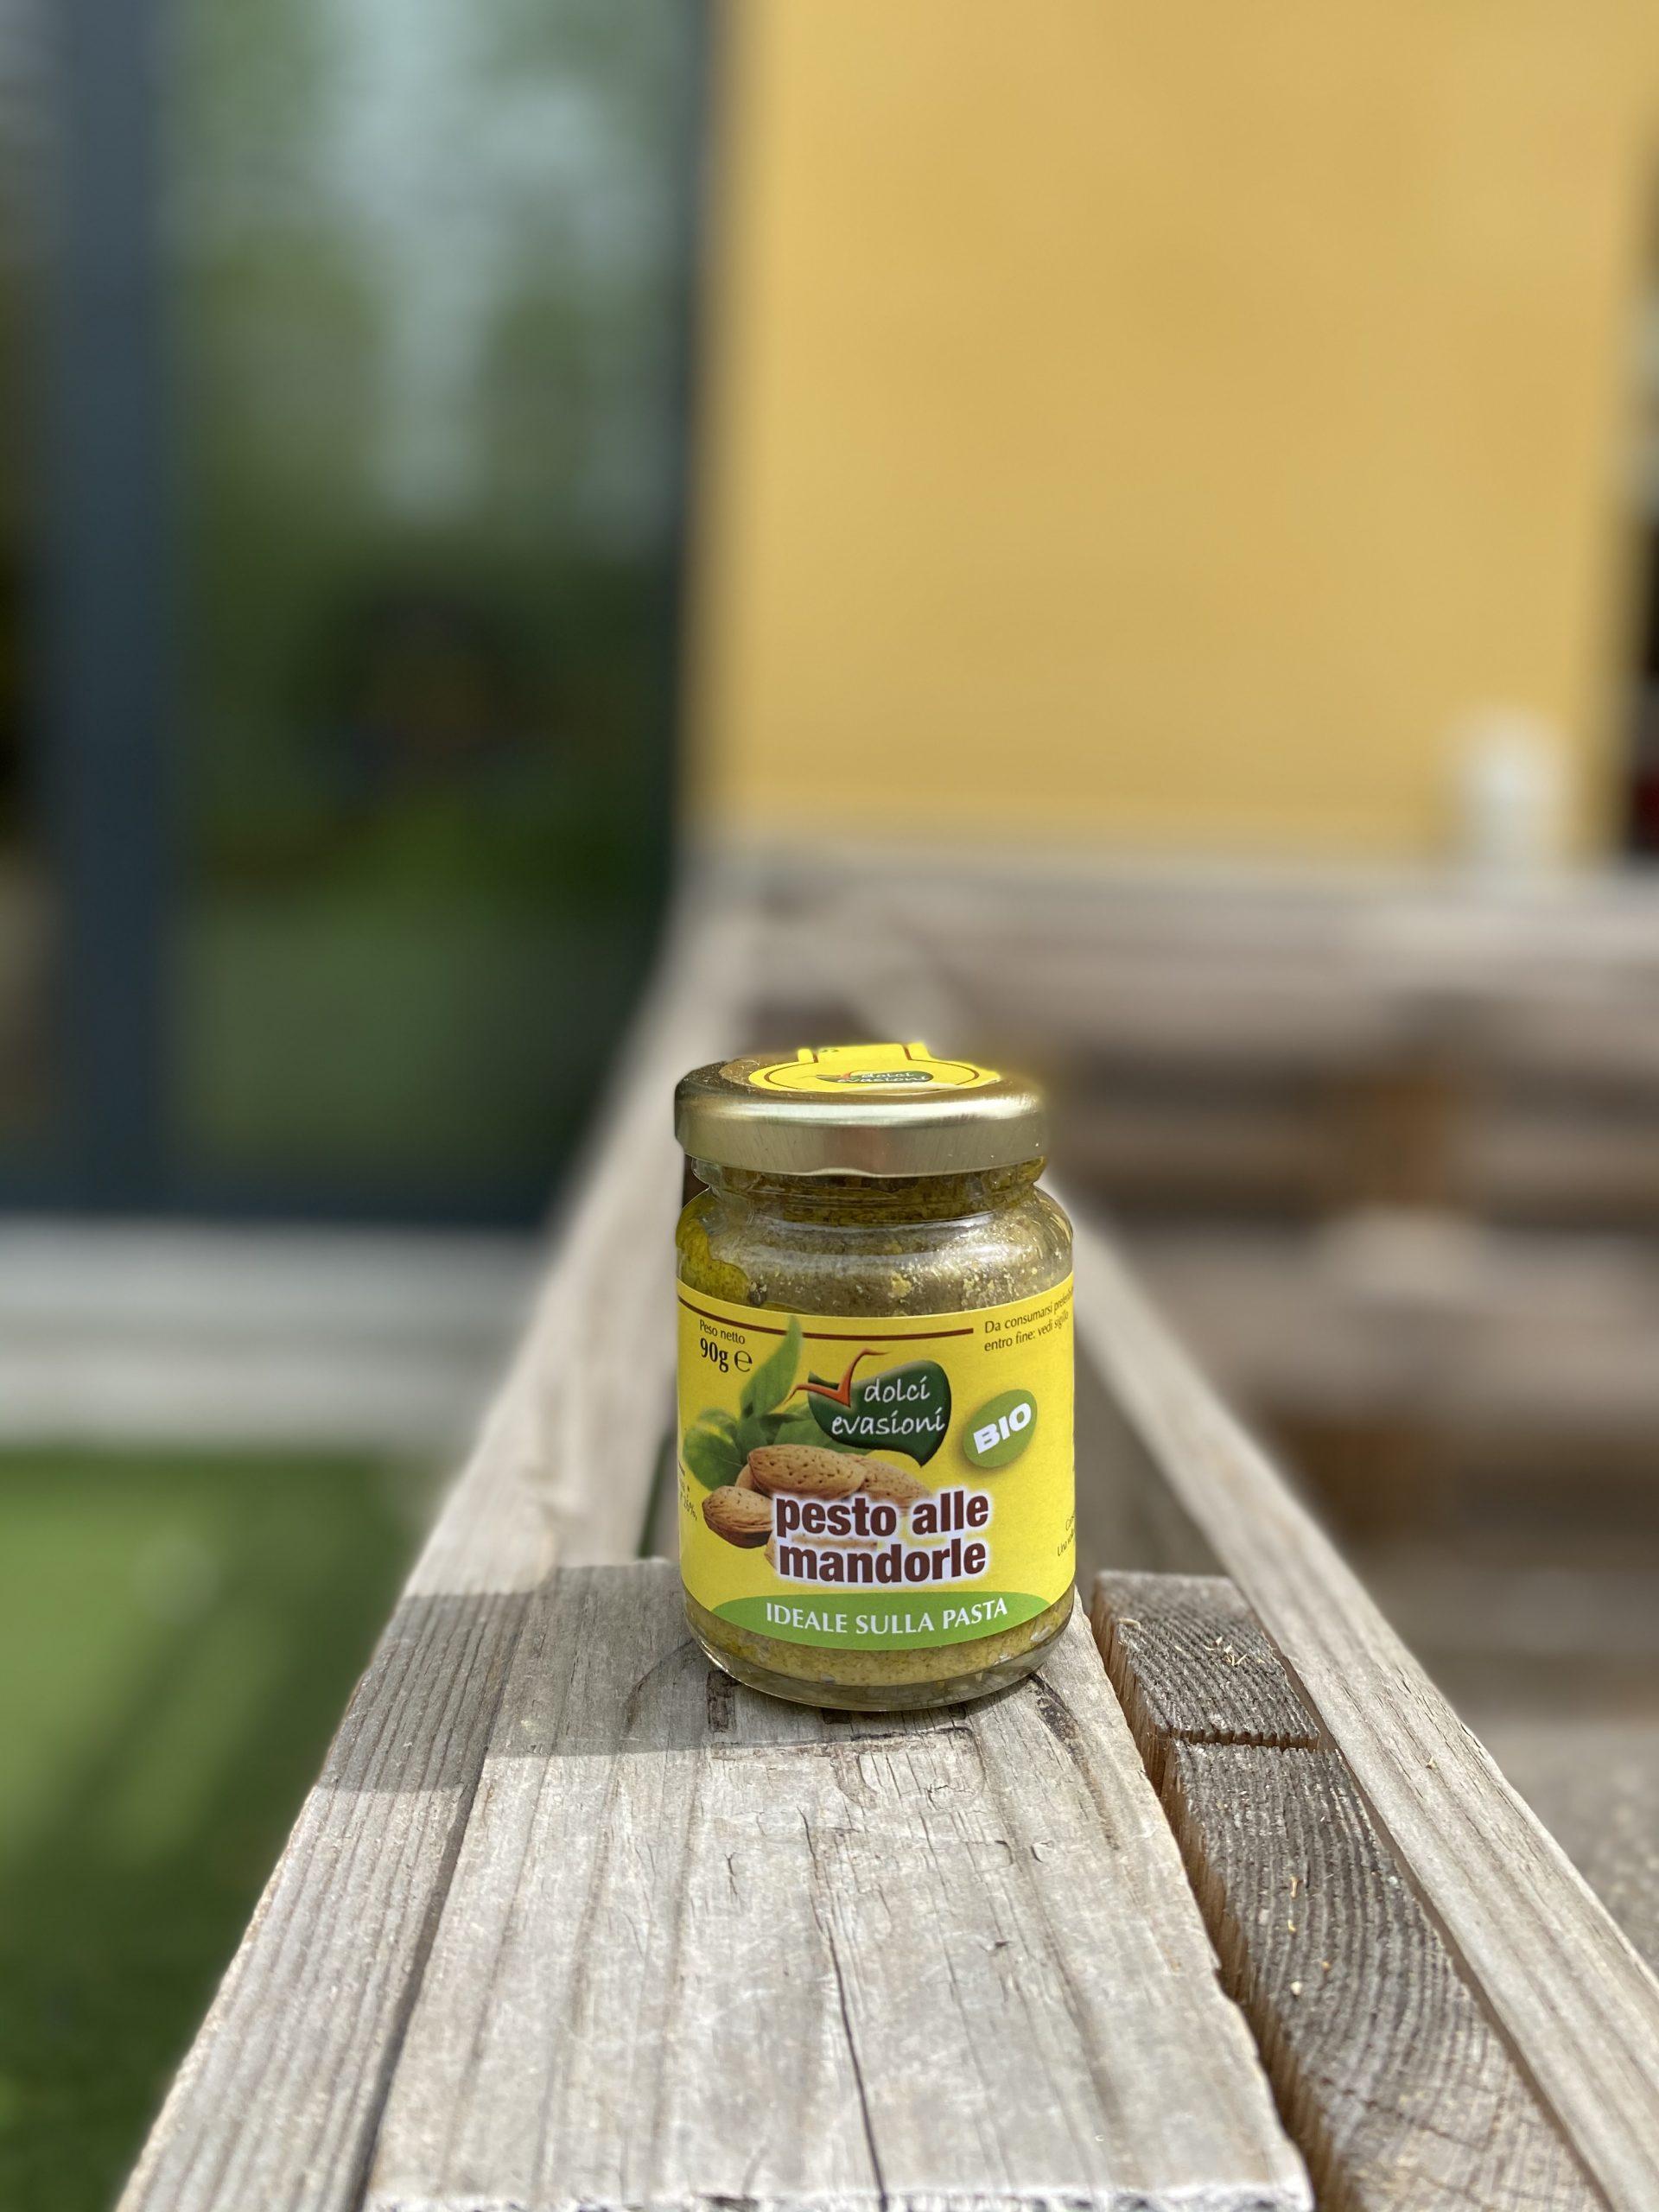 Pesto di Mandorle di Sicilia BIO – Dolci Evasioni